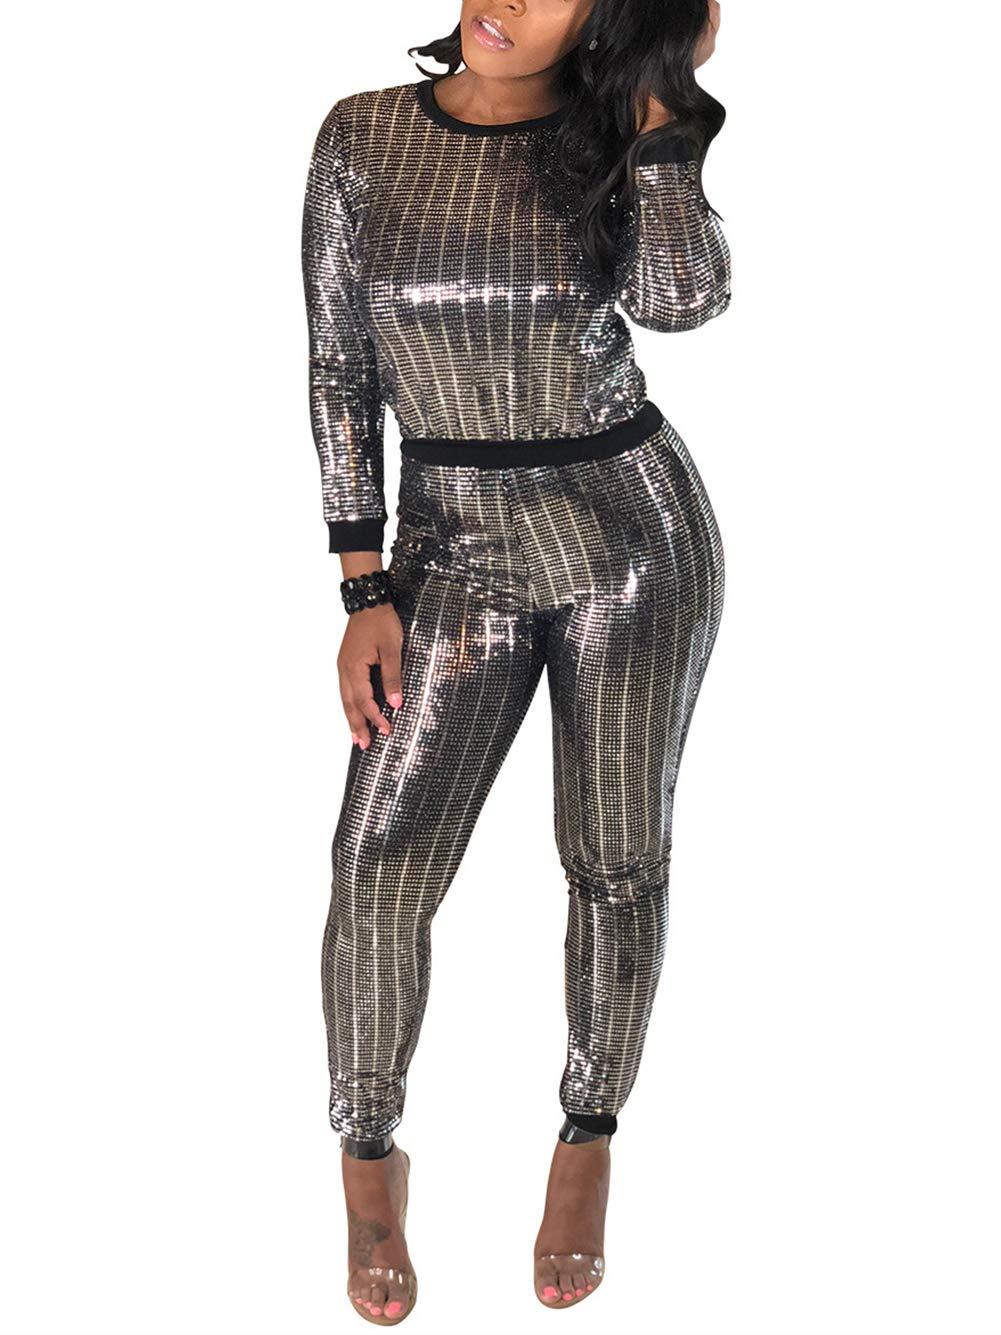 Women 2 Piece Jumpsuit Clubwear Sequins Crop Top Pants Set Sweatsuit Tracksuit Silver Black L by Kafiloe